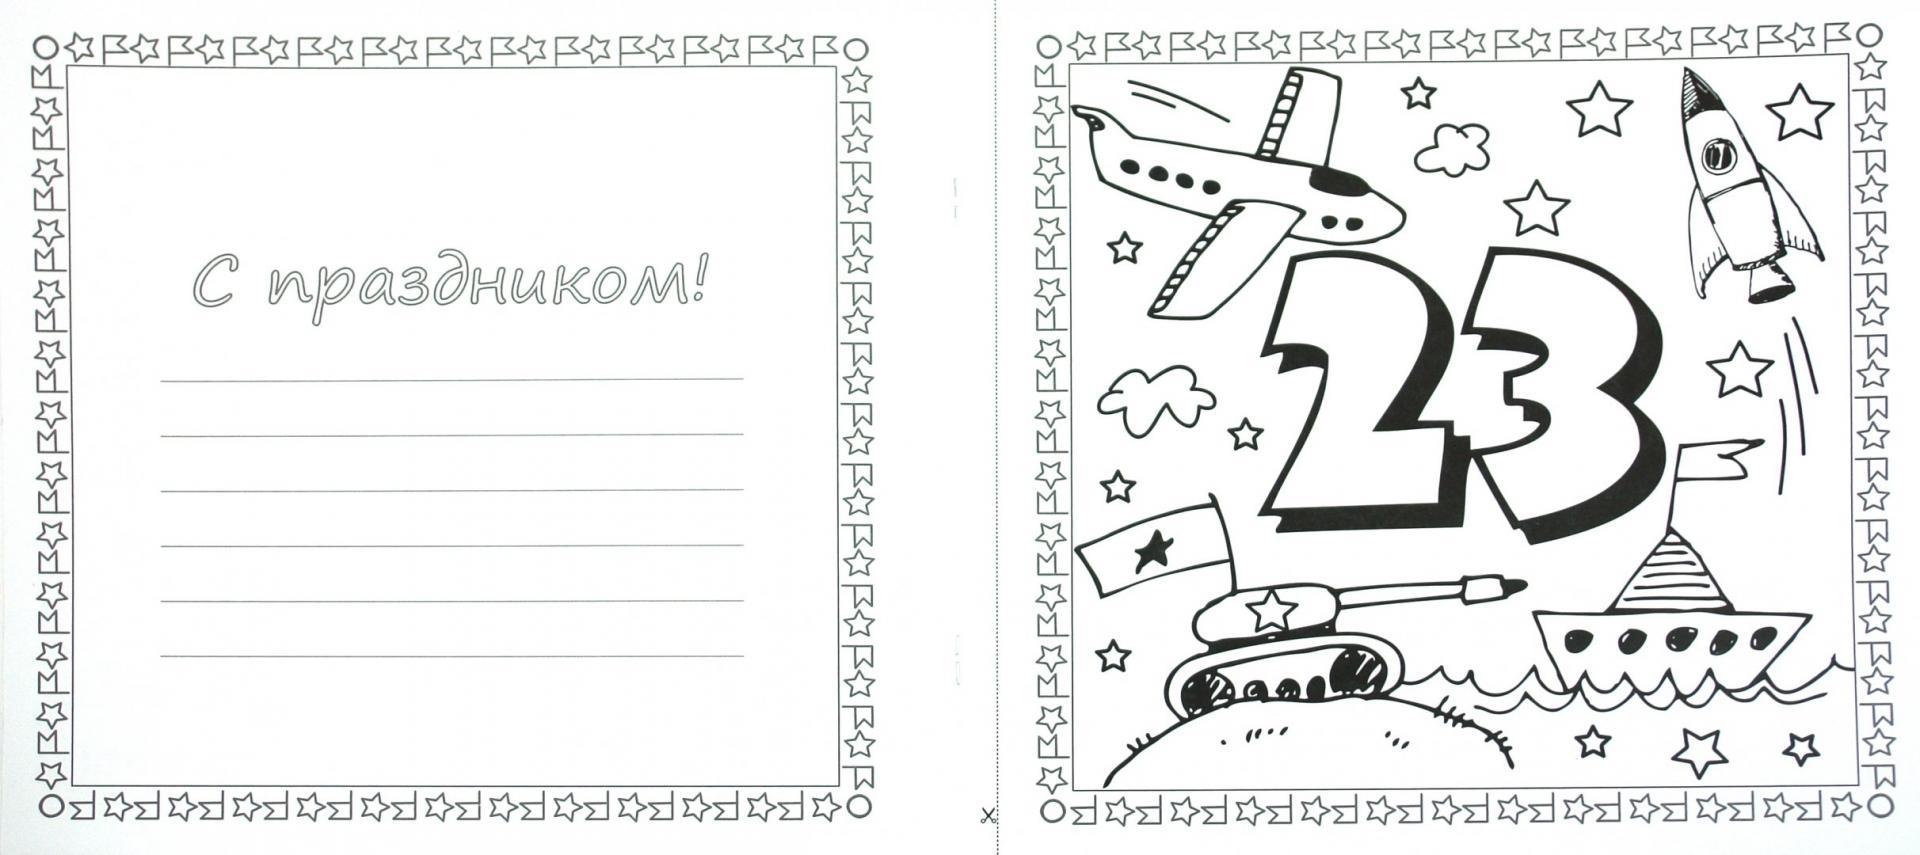 Ключиками, раскраска открытка к 23 февраля для папы